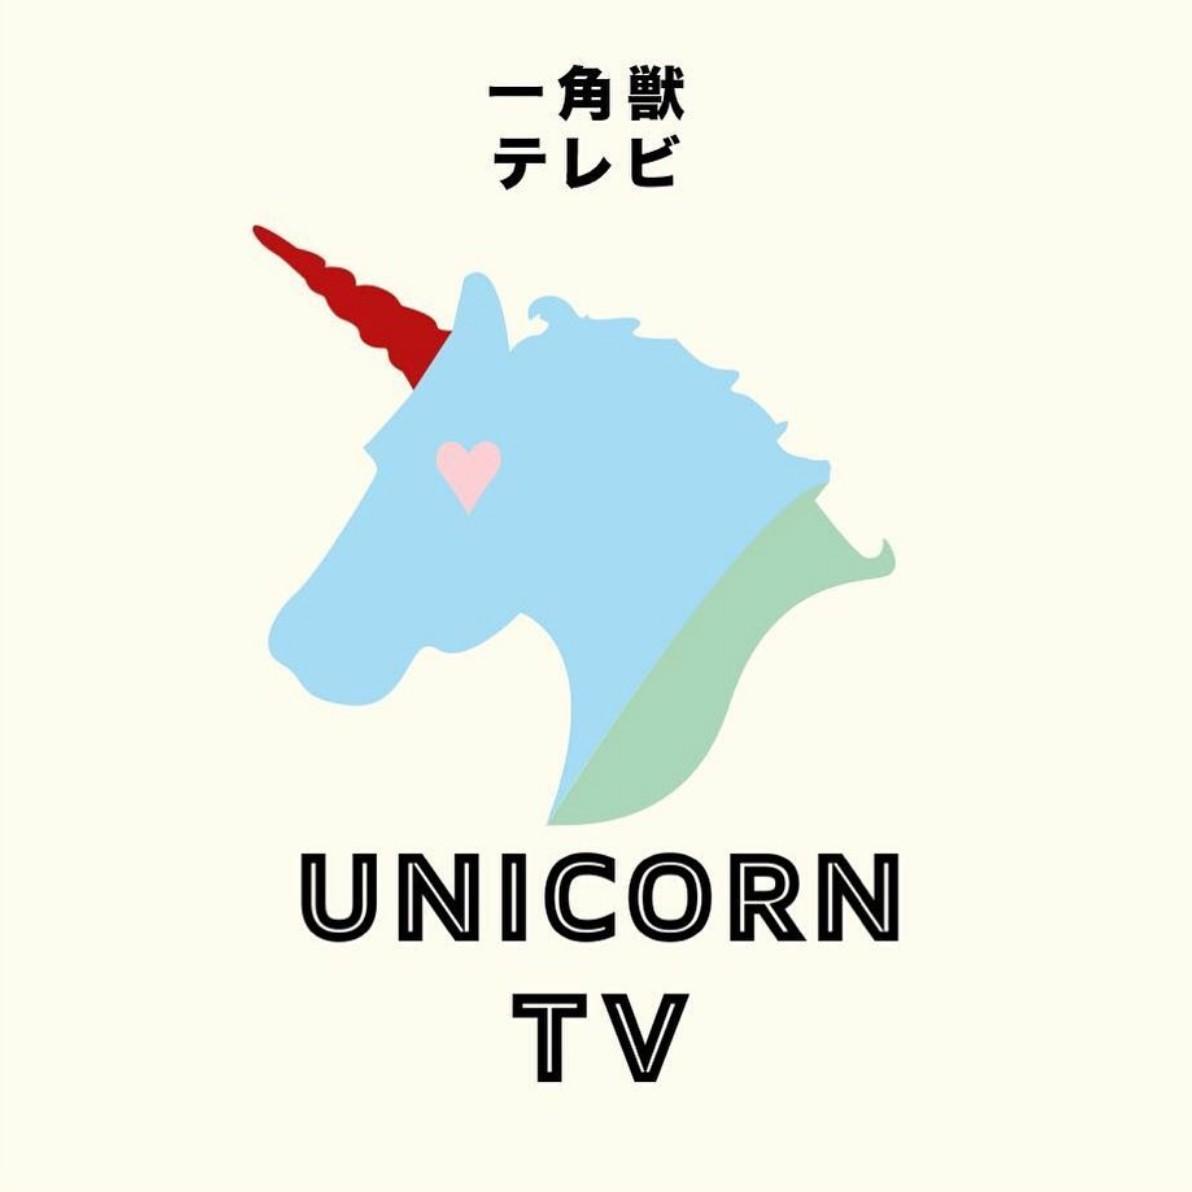 Unicorn tv logo